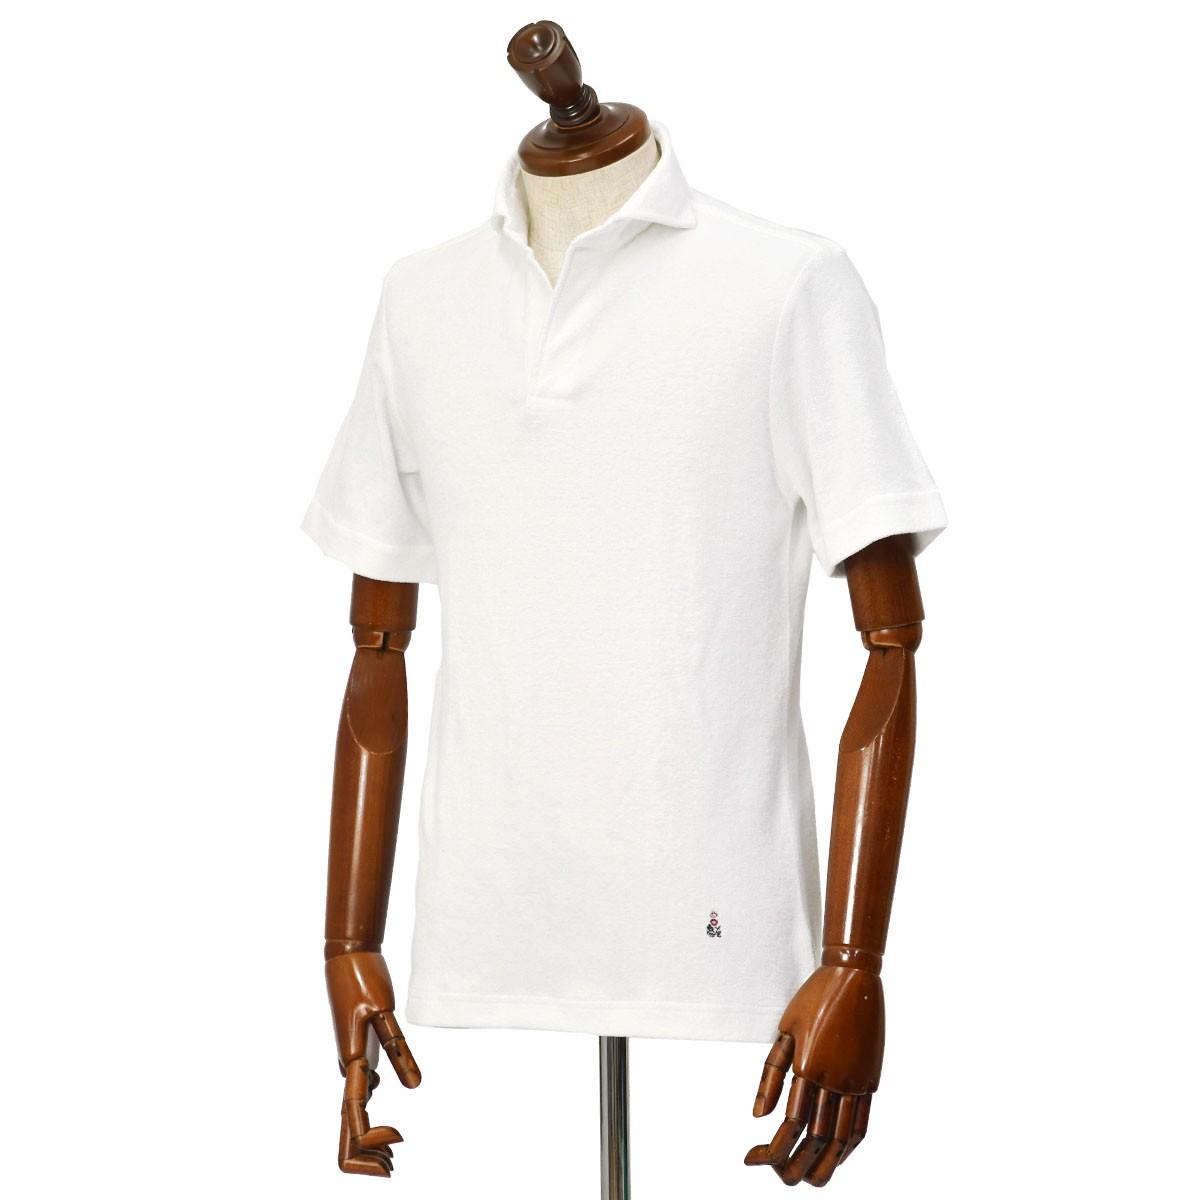 GUY ROVER【ギローバー】 半袖スキッパーポロシャツをご紹介致します。